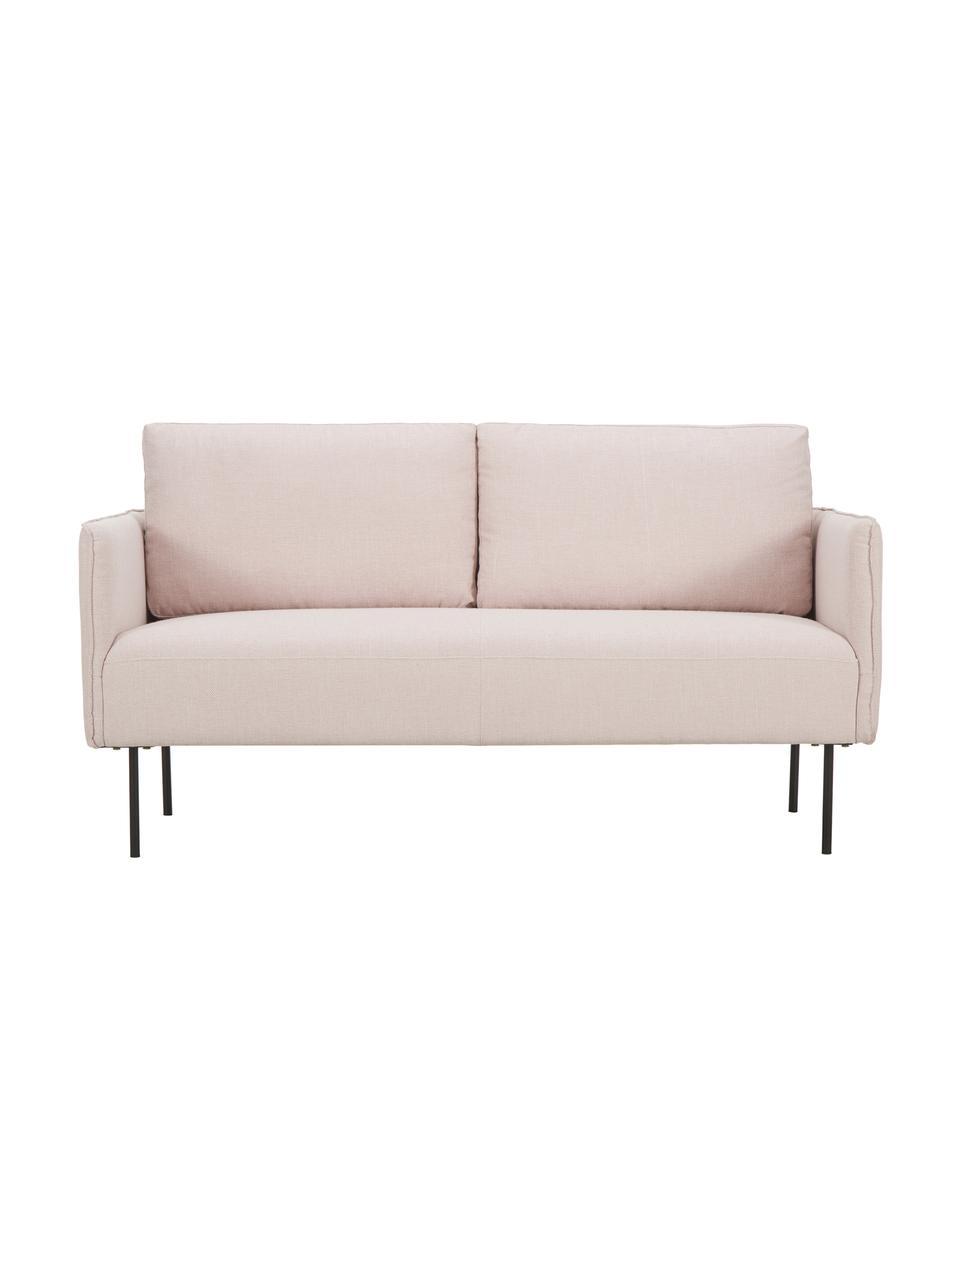 Sofa z metalowymi nogami Ramira (2-osobowa), Tapicerka: poliester 40000 cykli w , Nogi: metal malowany proszkowo, Blady różowy, S 151 x G 76 cm